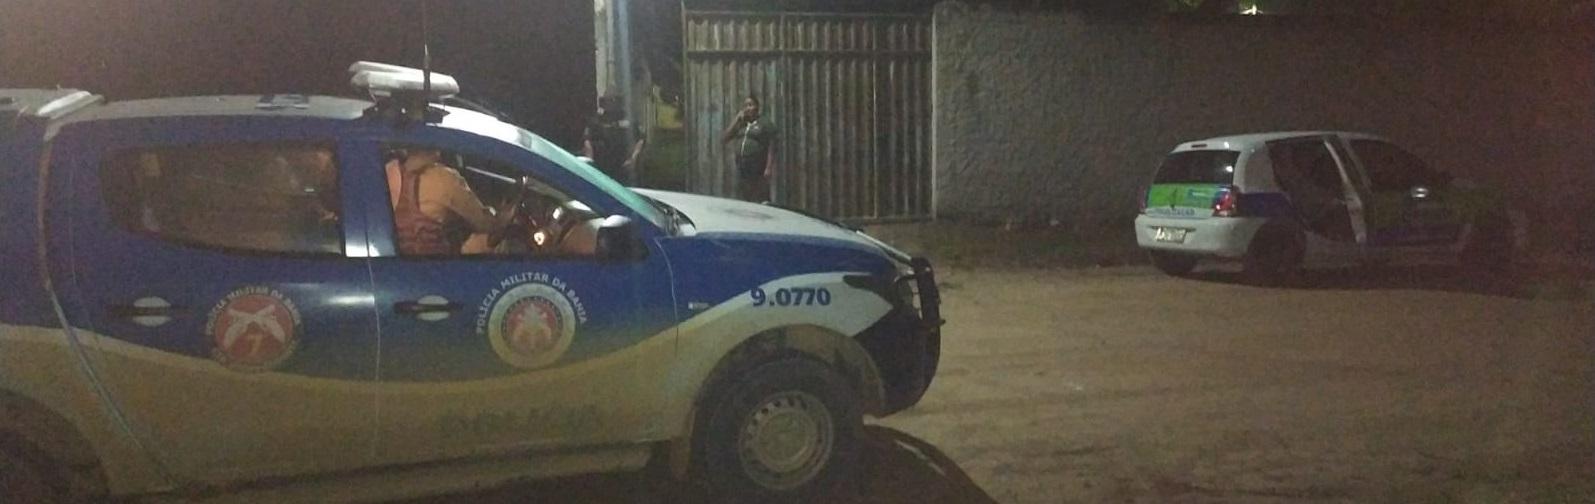 Força-tarefa encerra cinco festas clandestinas em apenas uma noite em Eunápolis 21